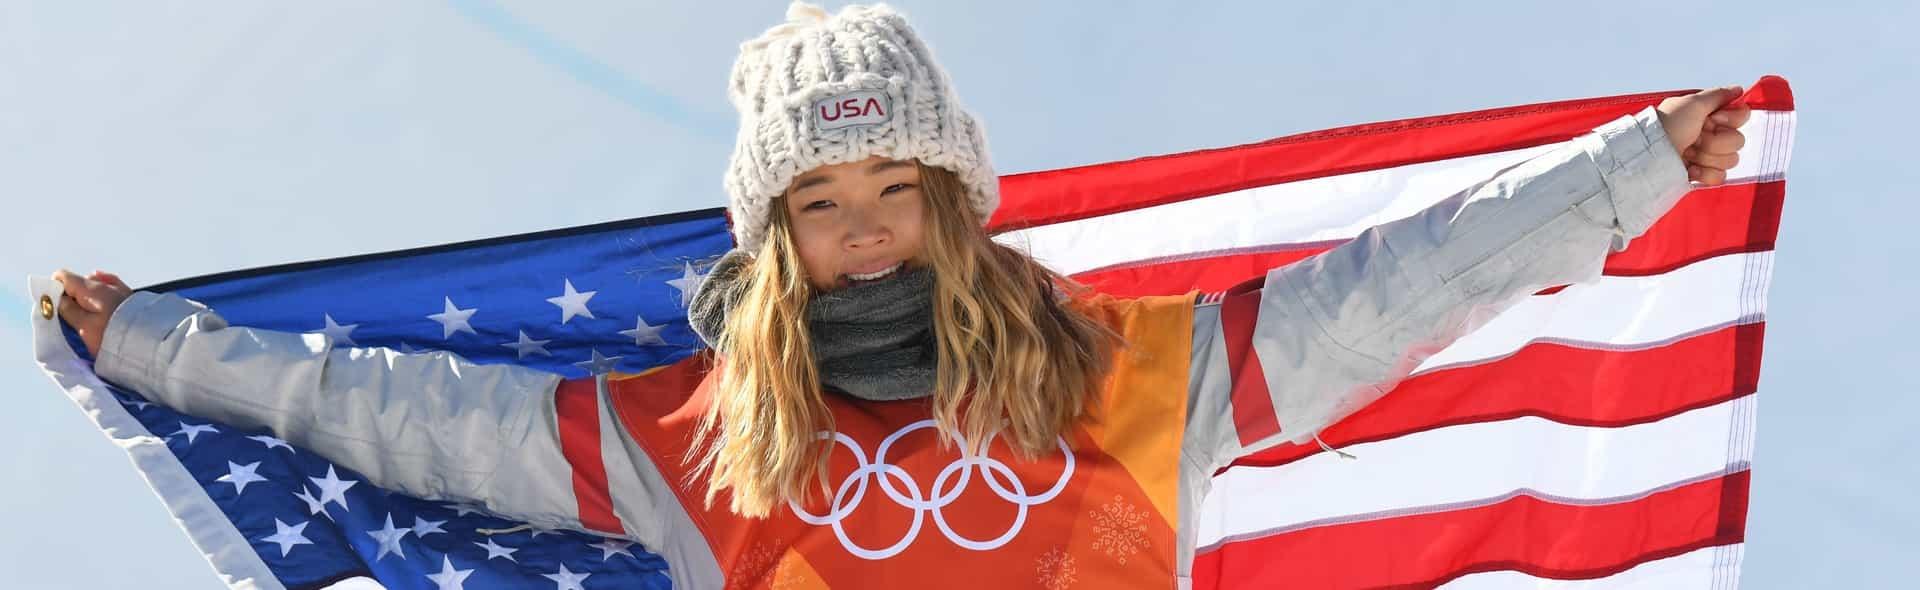 Chloe Kim hero